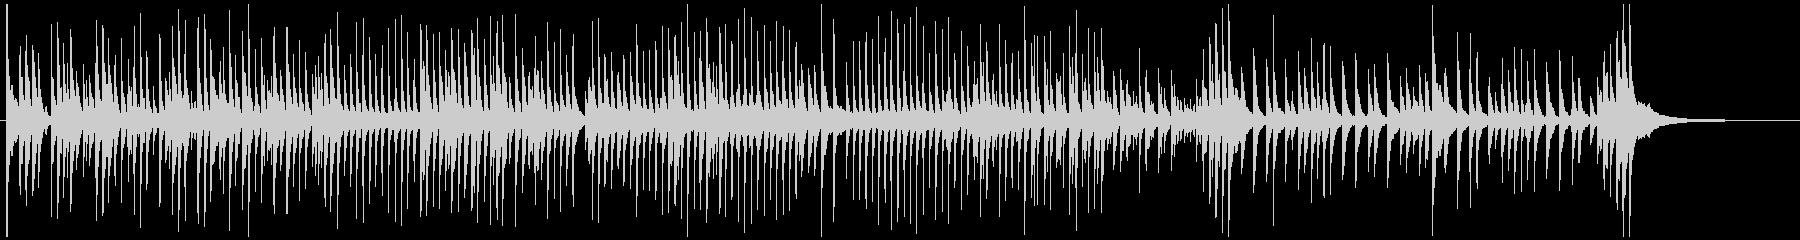 津軽三味線ソロ-J、激しい、疾走、声なしの未再生の波形